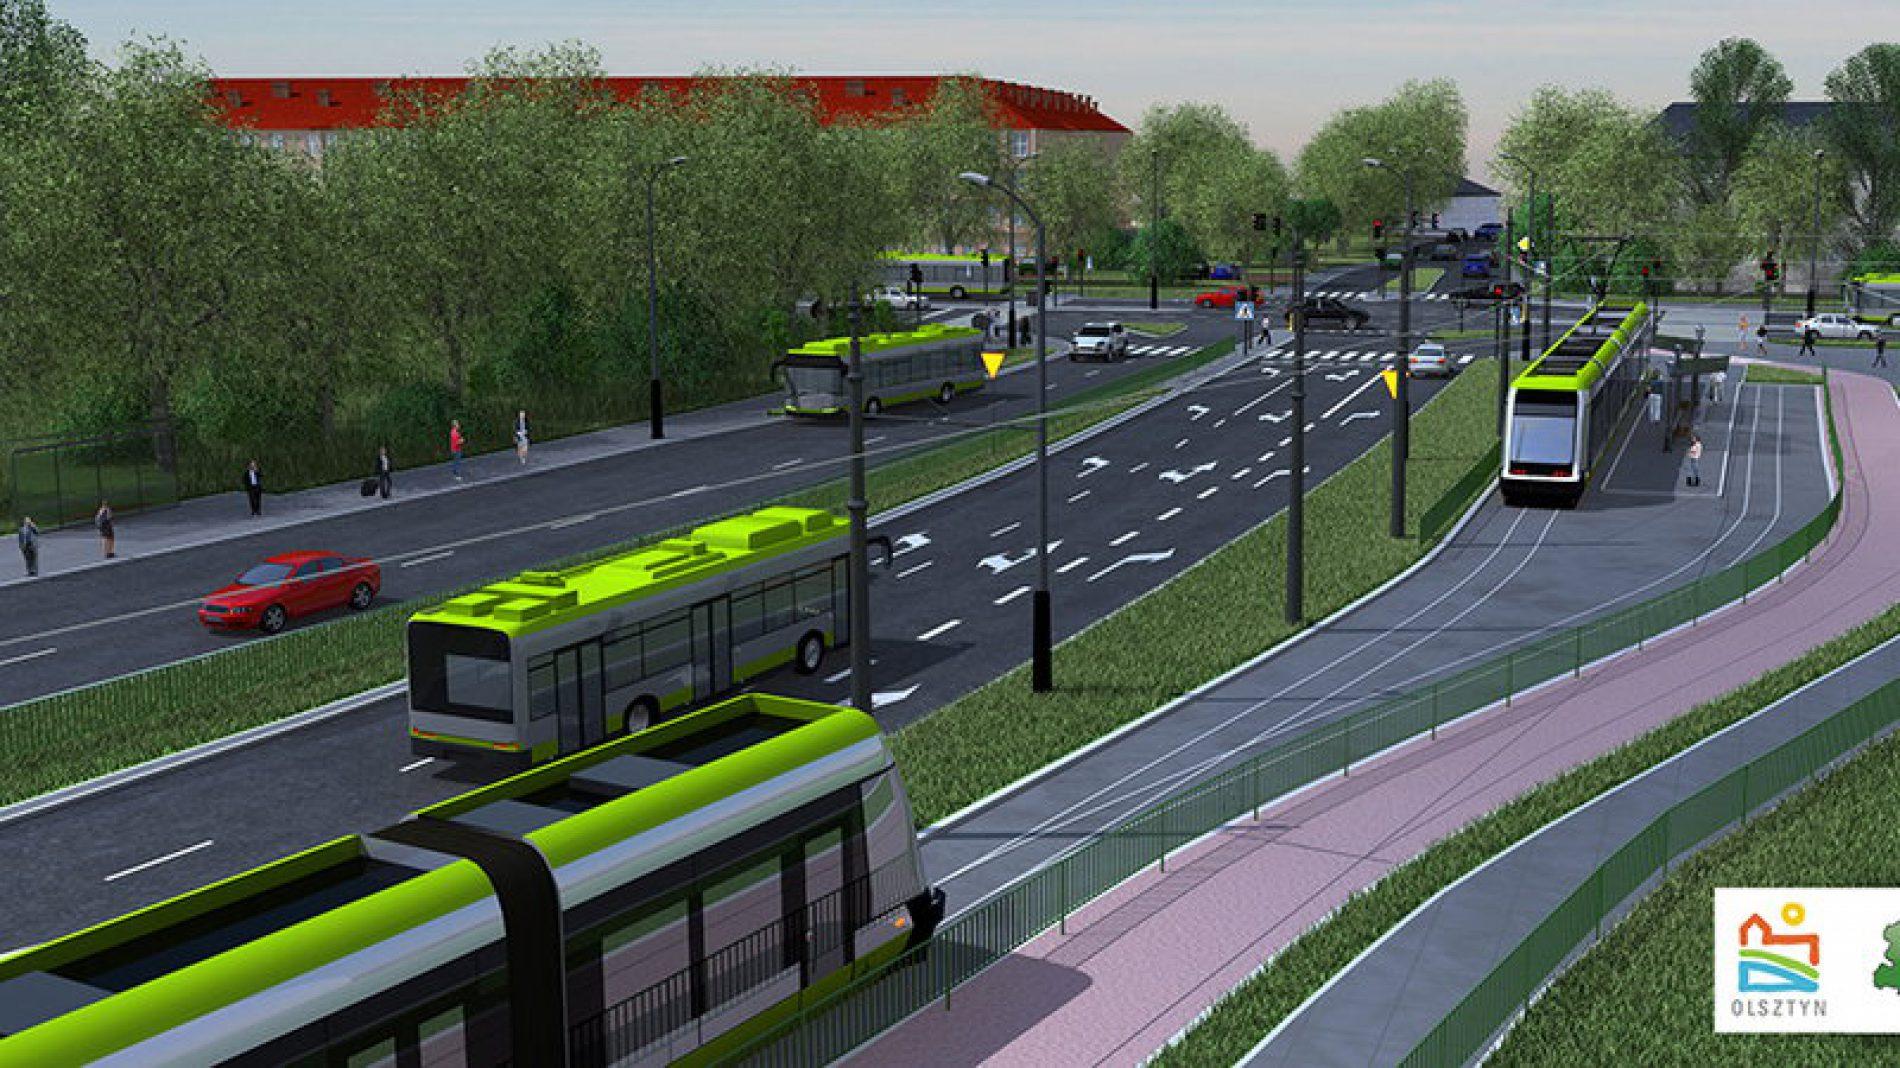 Olsztyńskie tramwaje obchodzą pierwsze urodziny